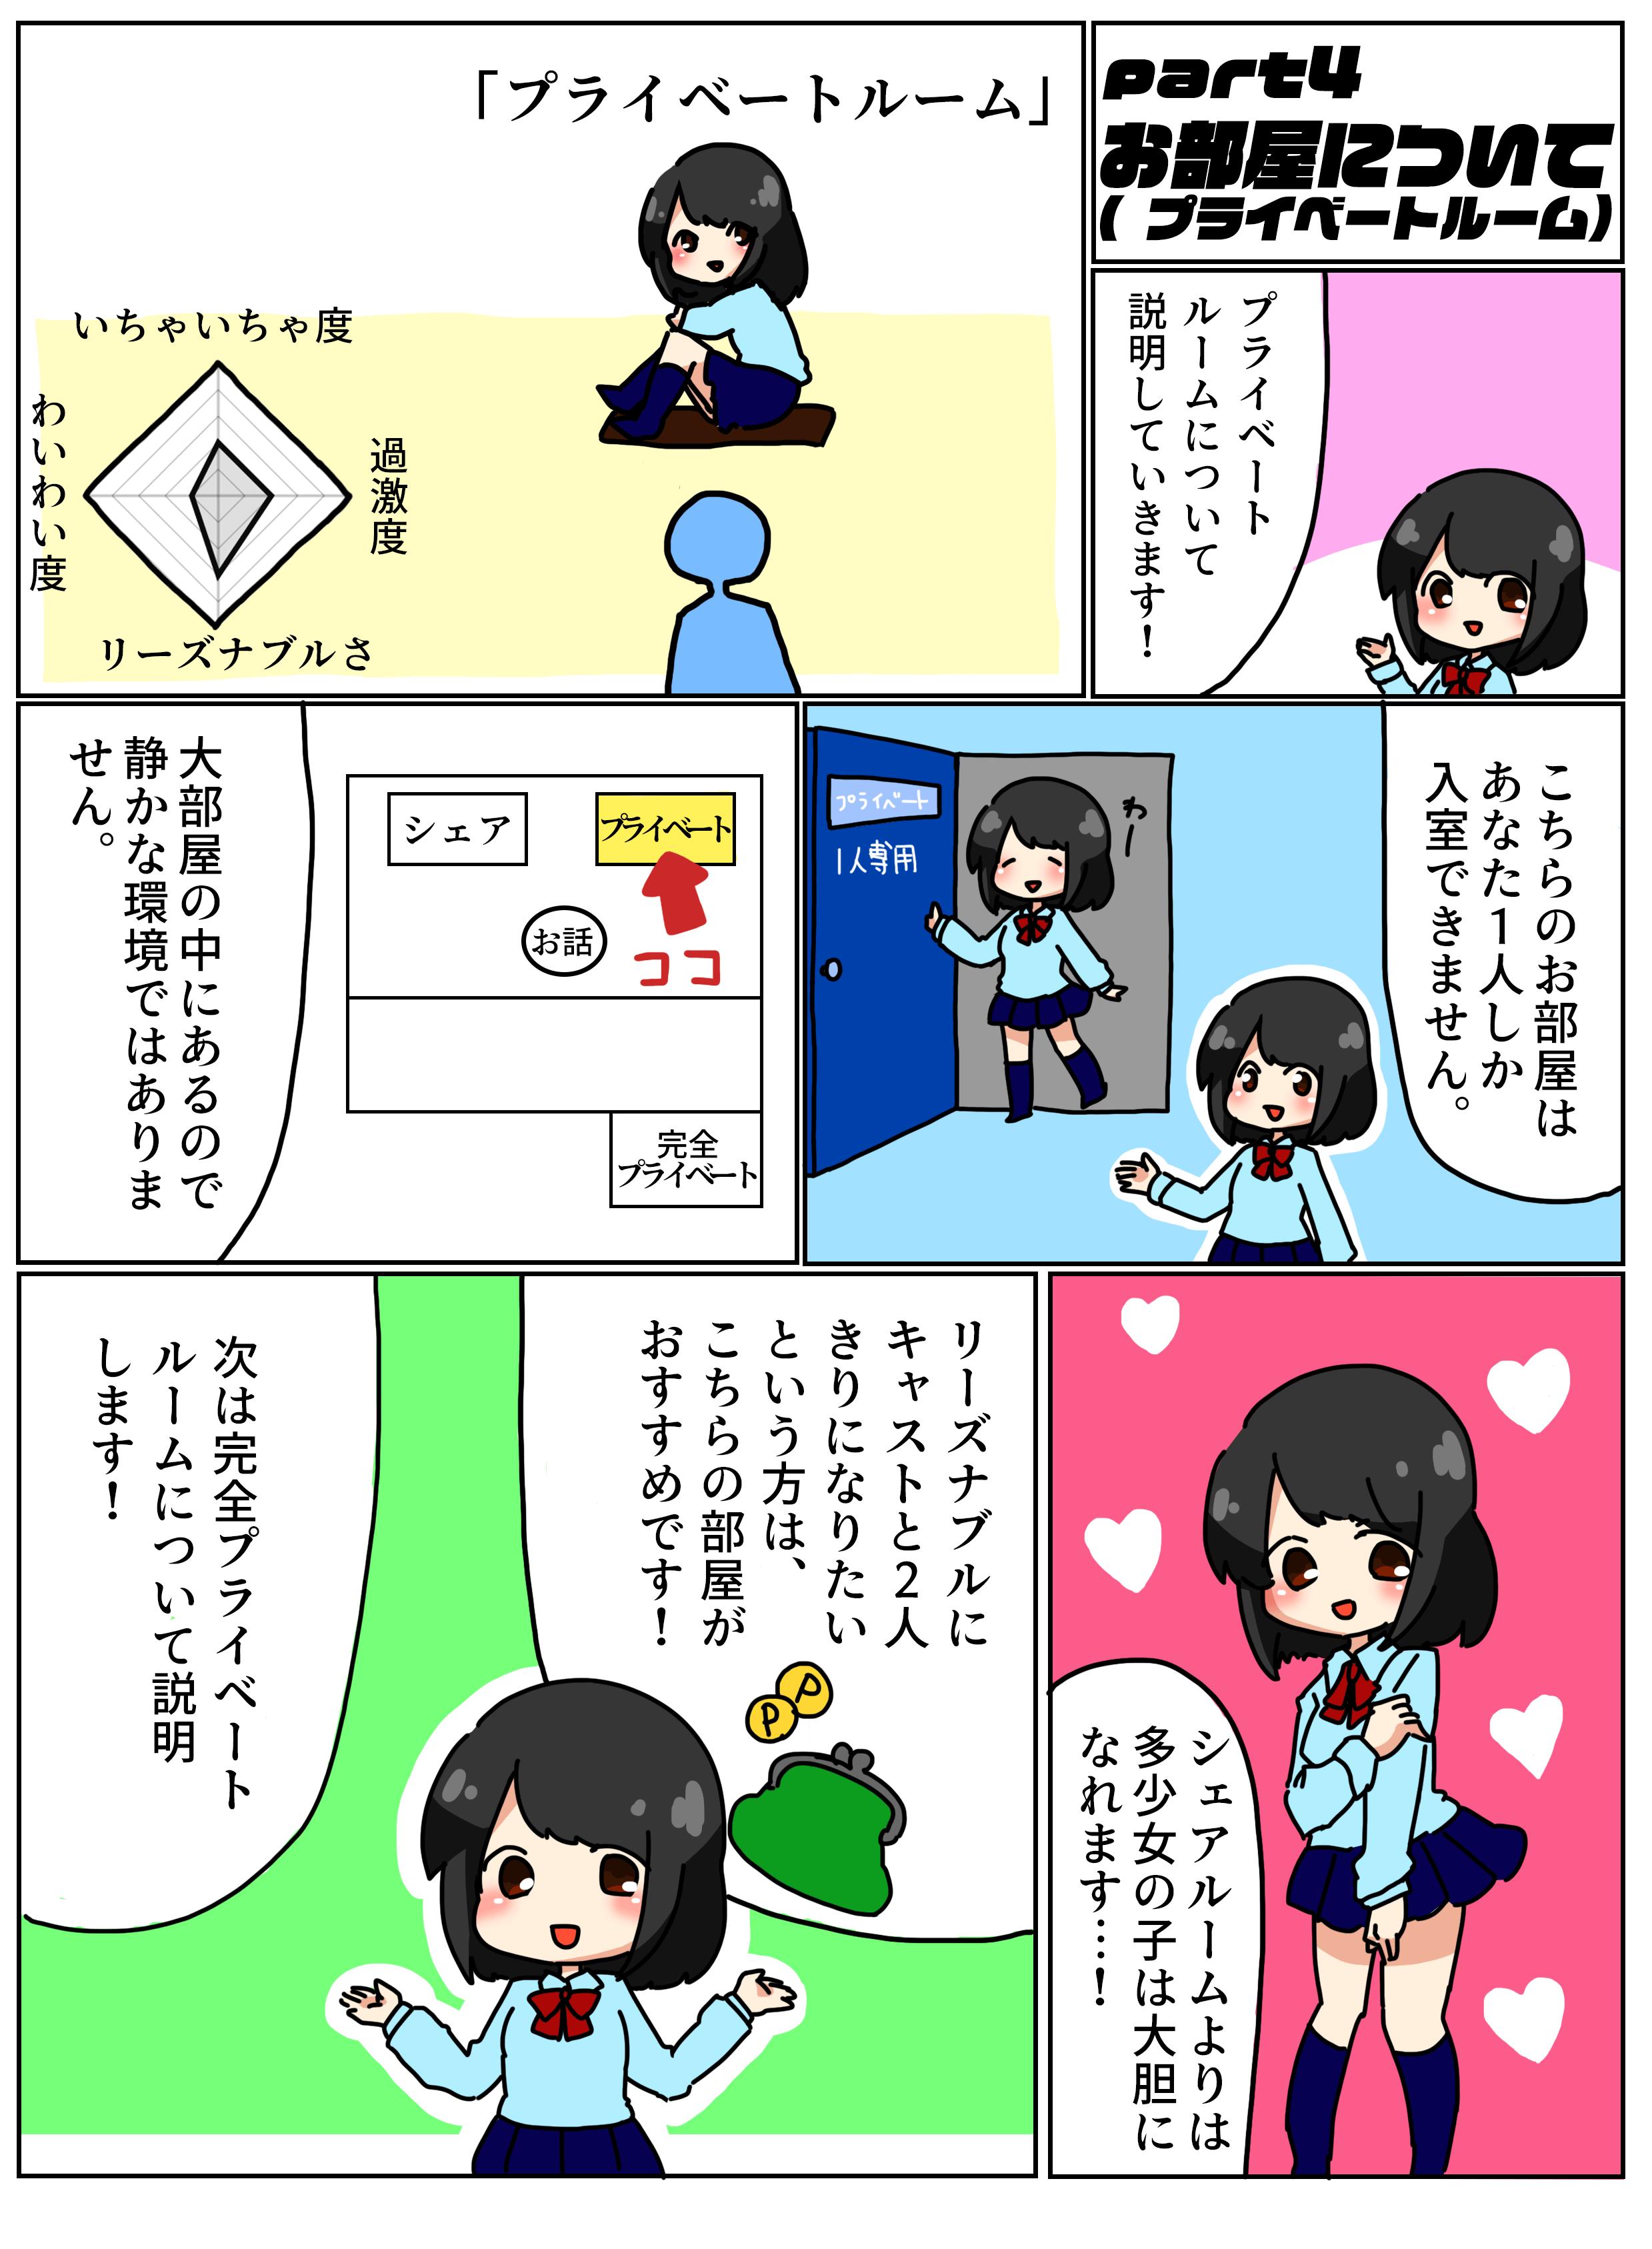 バーチャル見学店ぶいけん_漫画